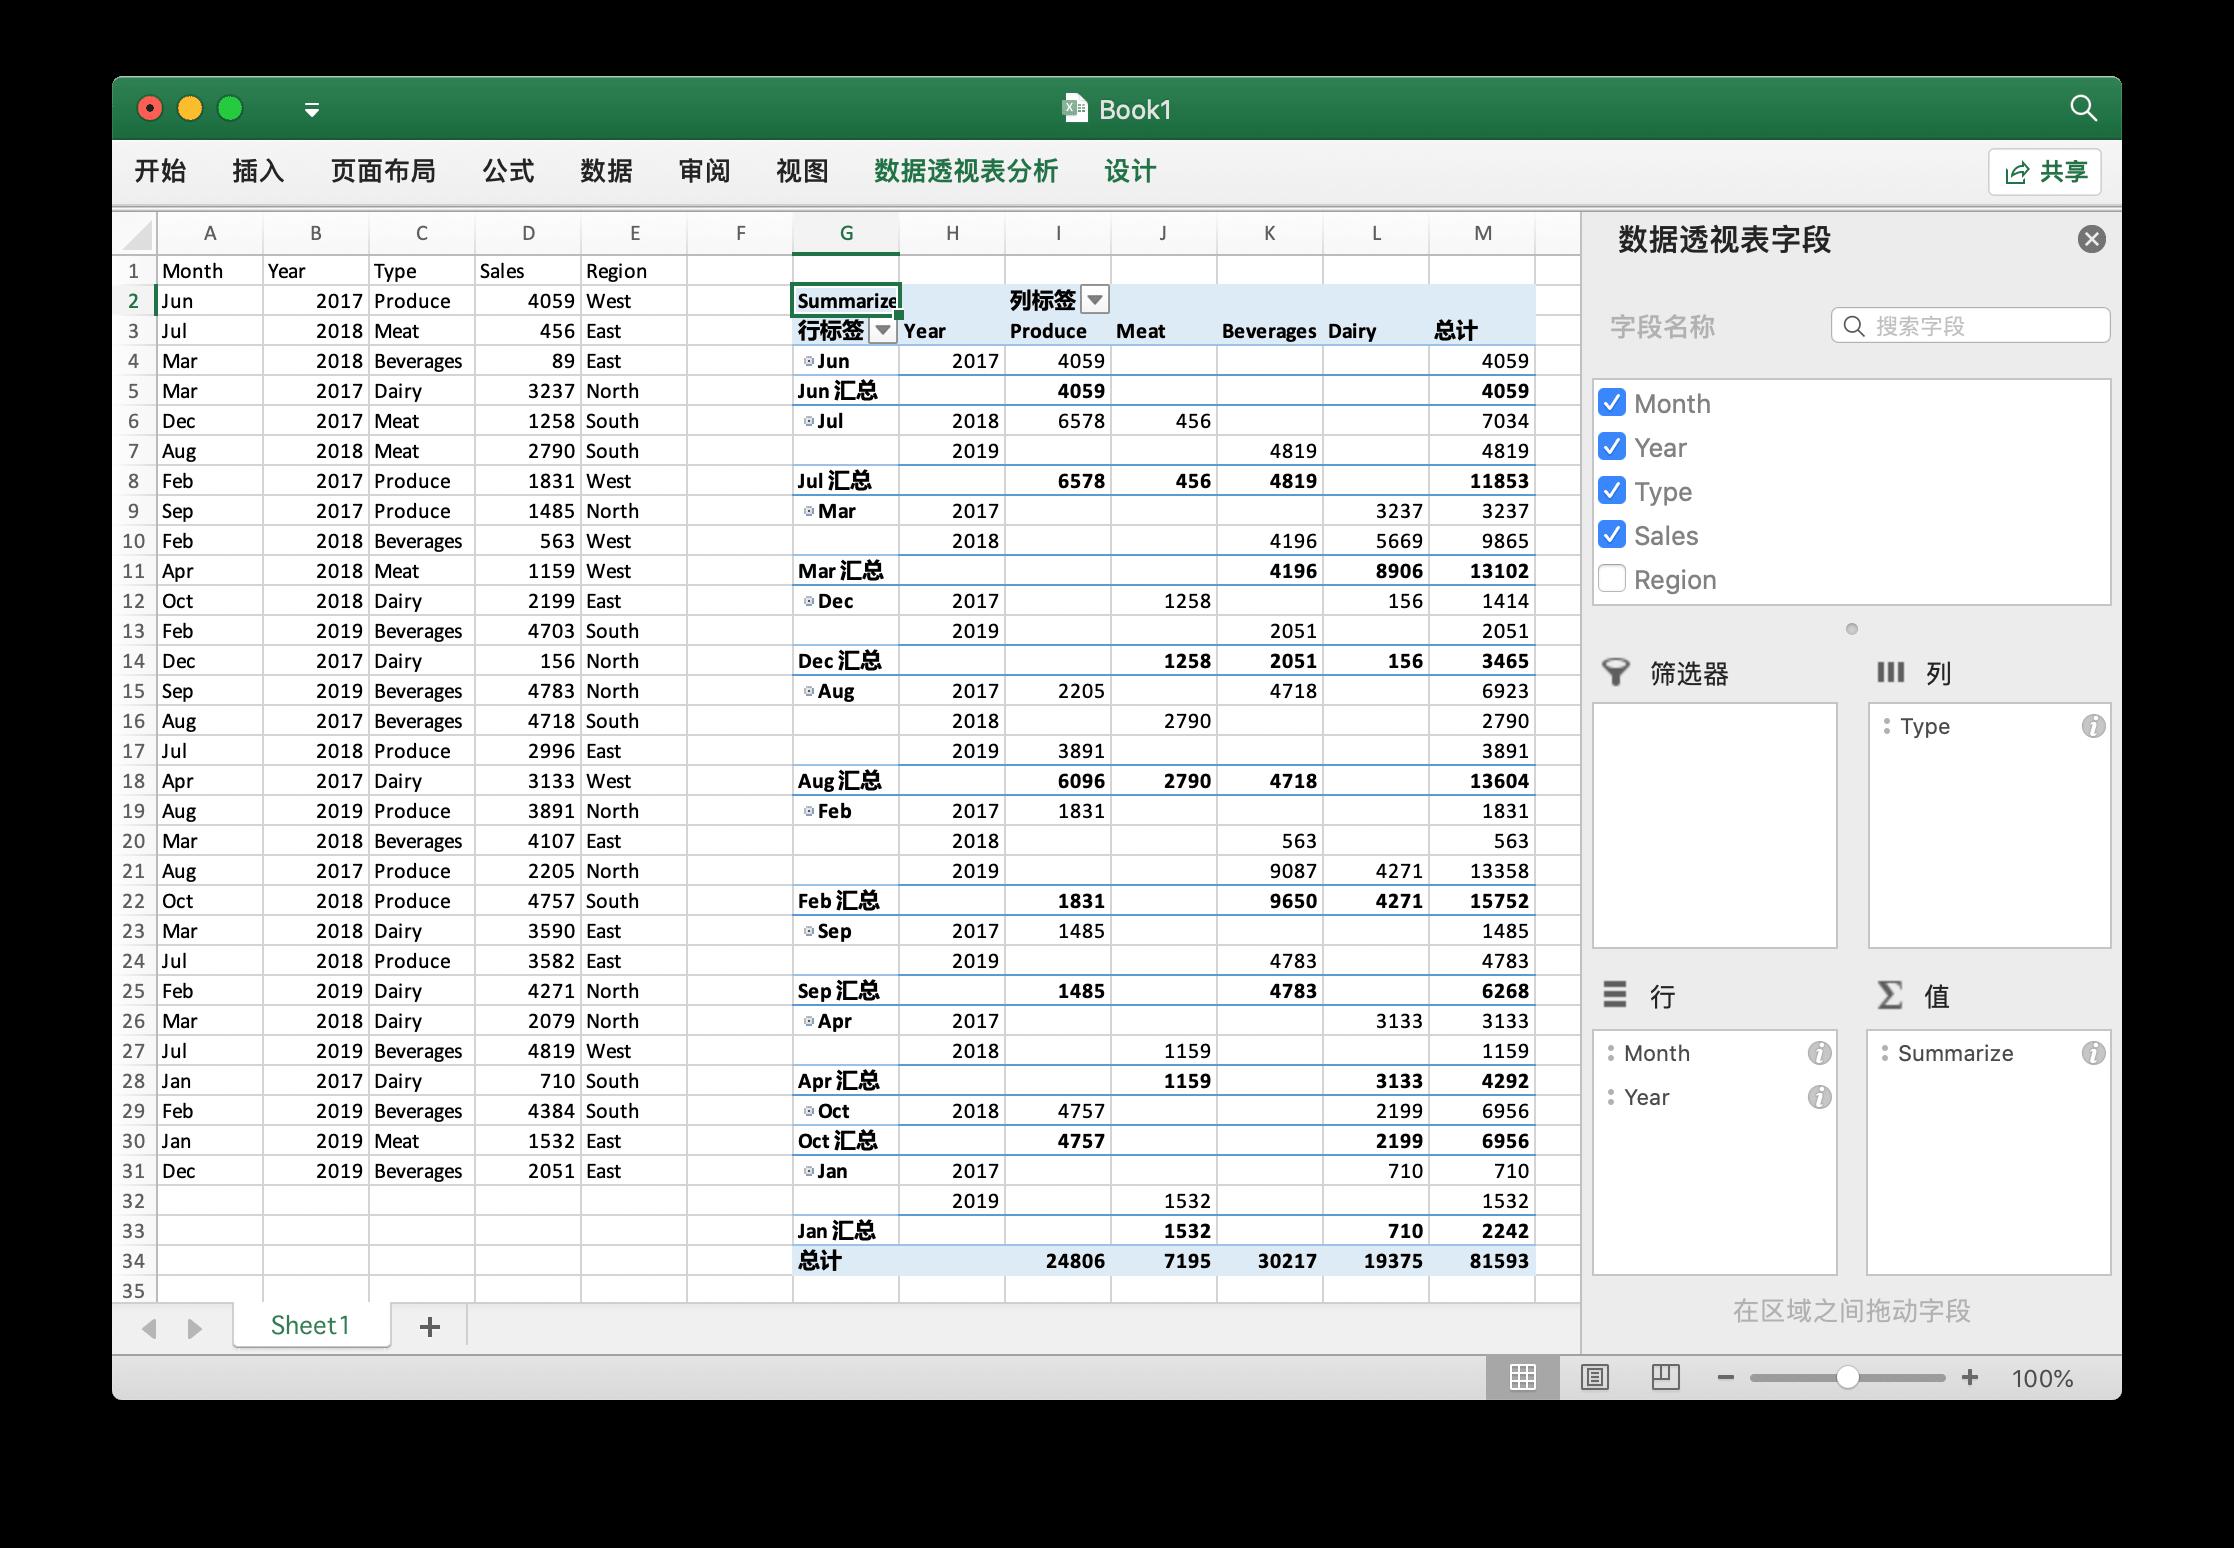 使用 Go 语言通过 exceliz 创建数据透视表